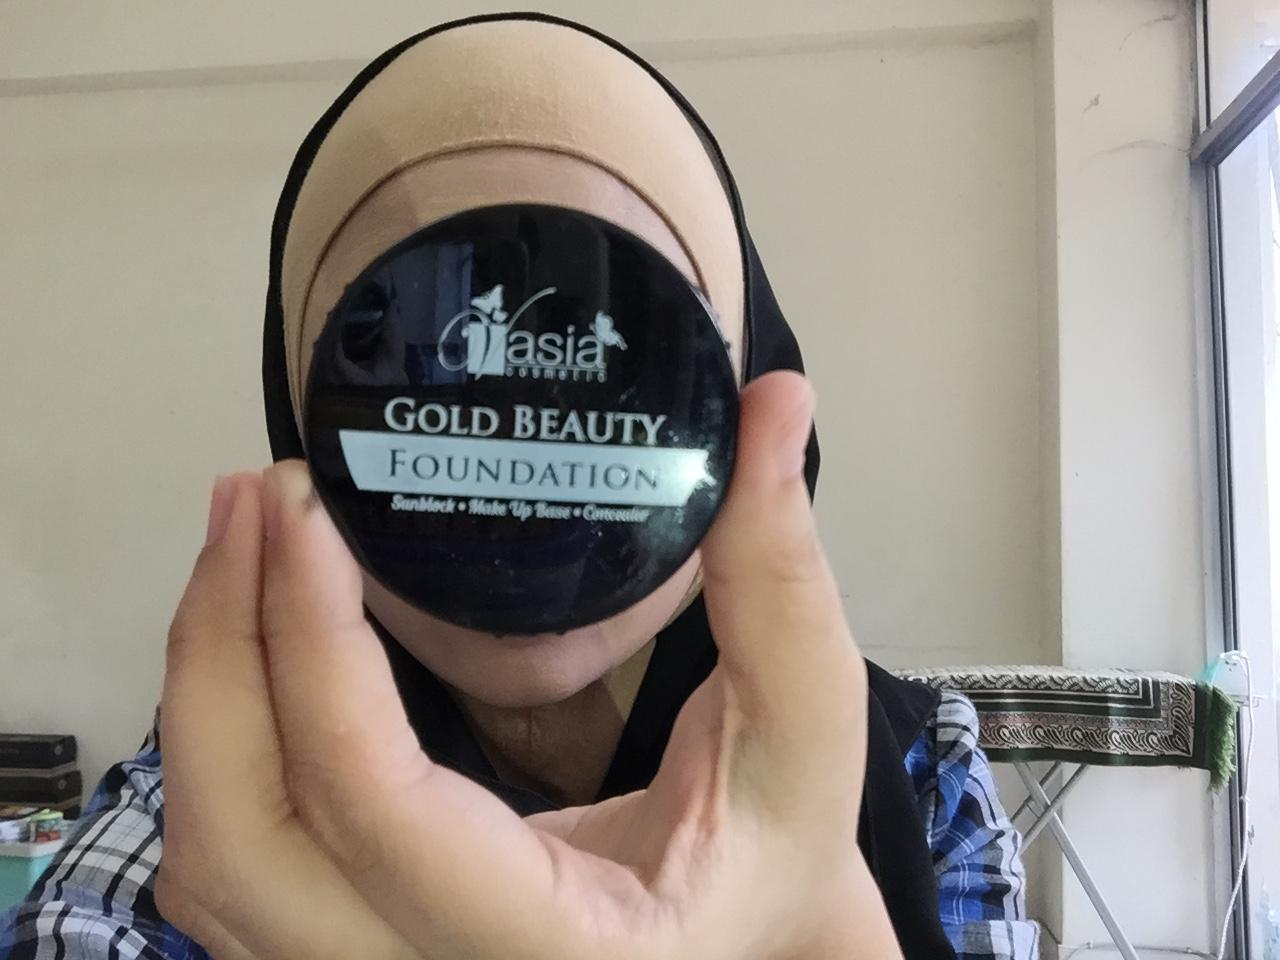 Yuyurashid: Tutorial Makeup V'Asia - Yuyurashid